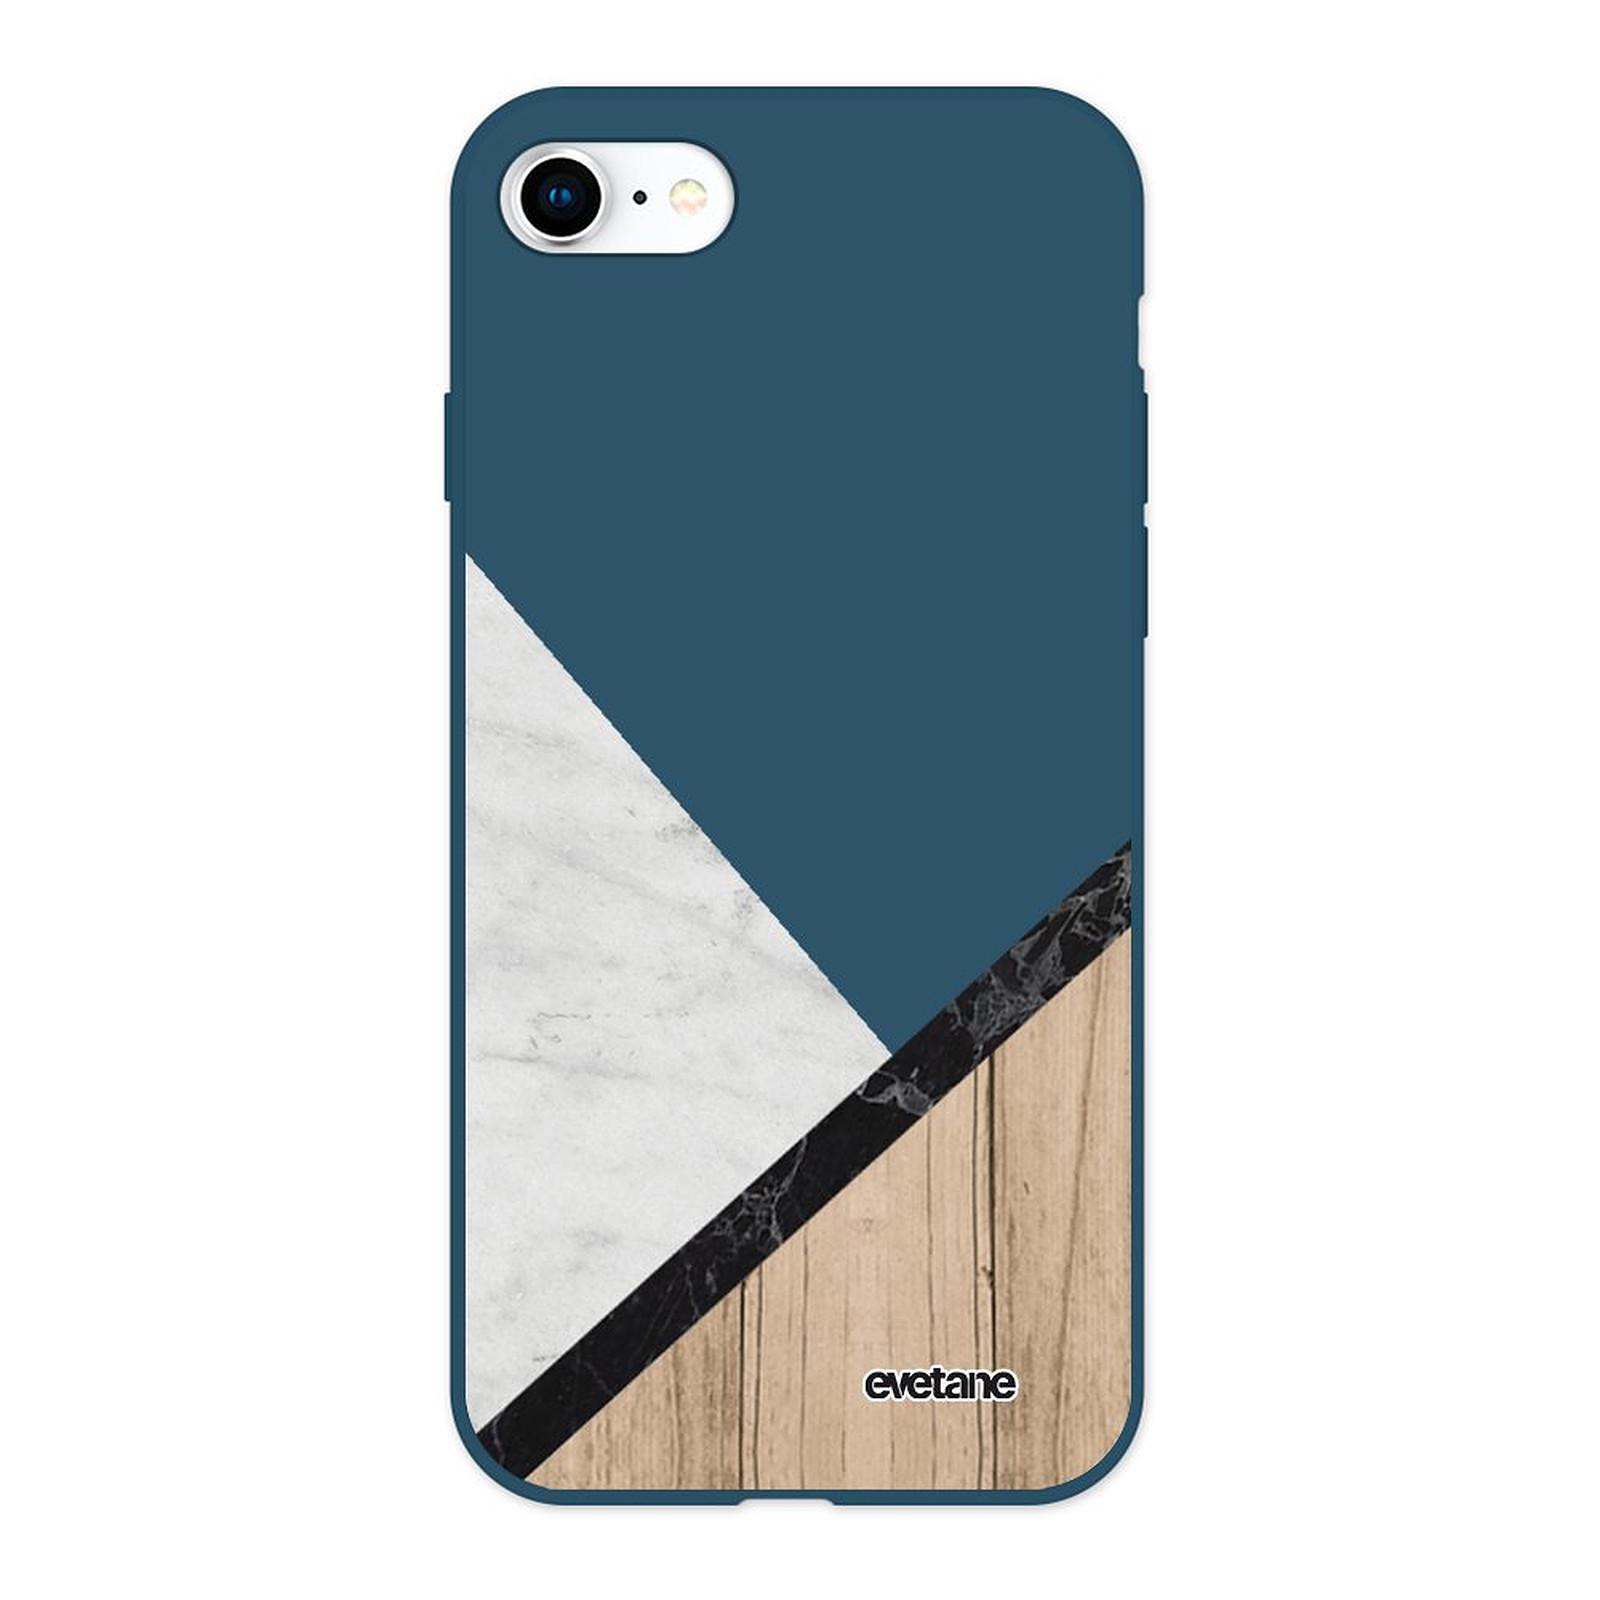 EVETANE Coque iPhone 7/8/ iPhone SE 2020 Silicone Liquide Douce bleu marine Marbre et Bois Graphique - Coque téléphone Evetane sur LDLC